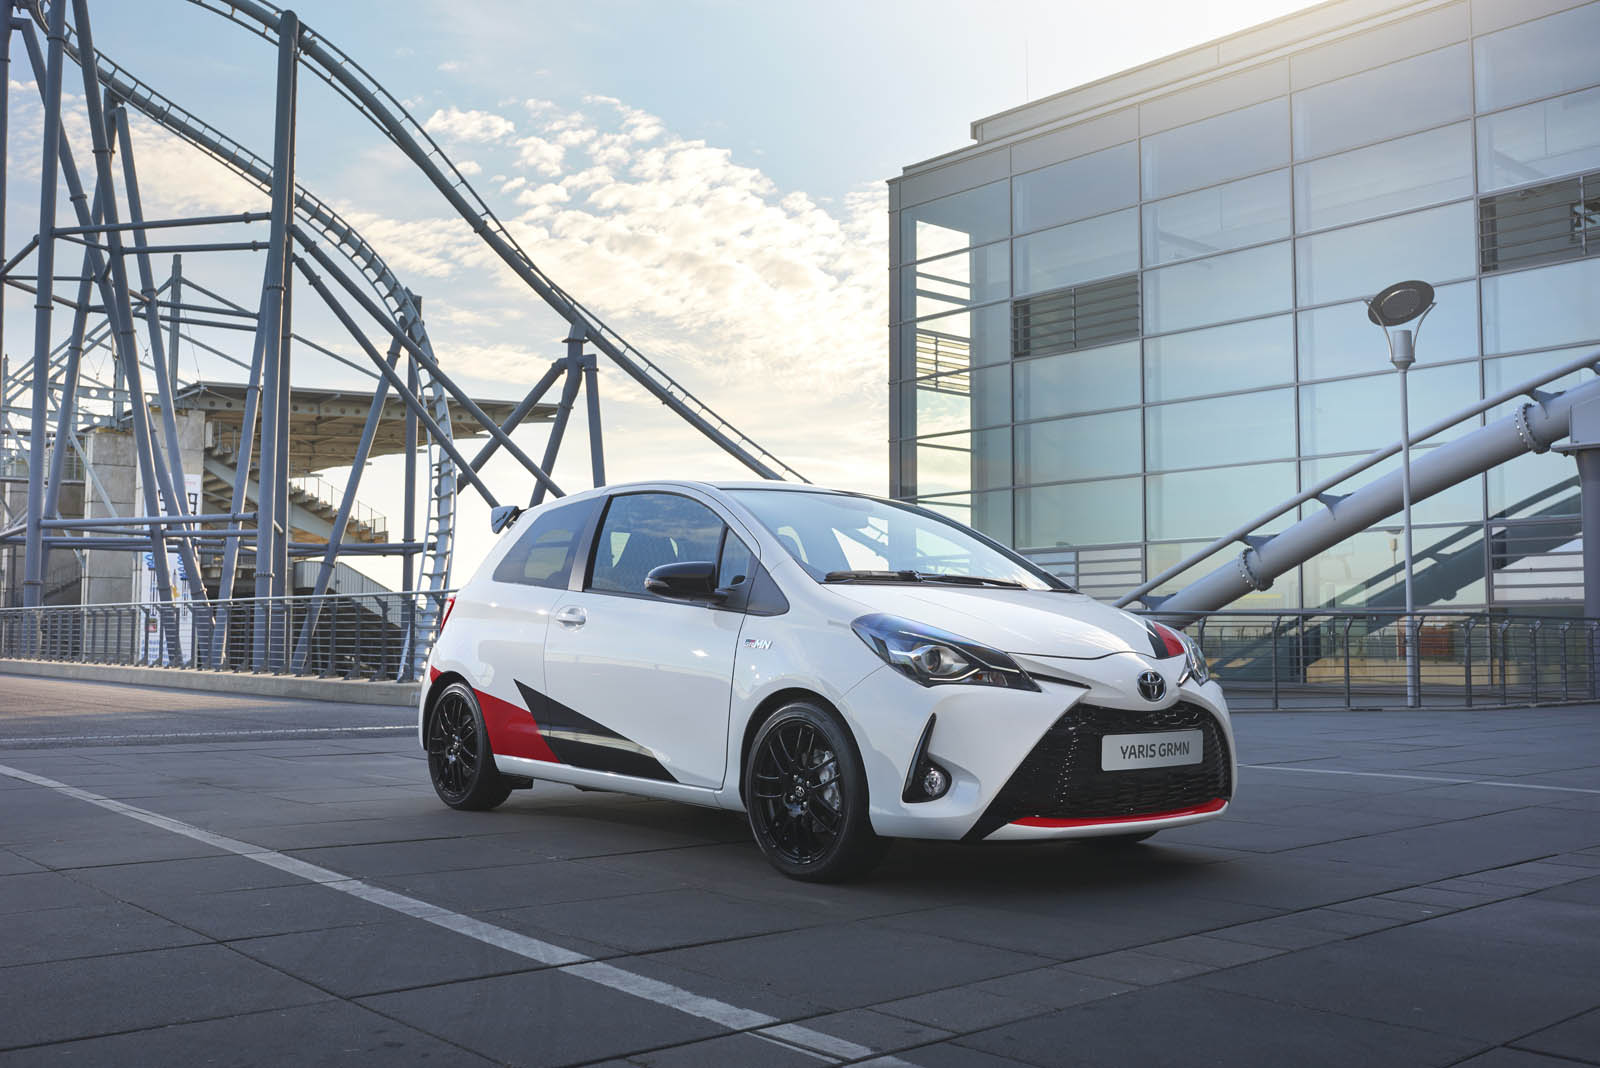 Toyota Yaris GRMN (20)